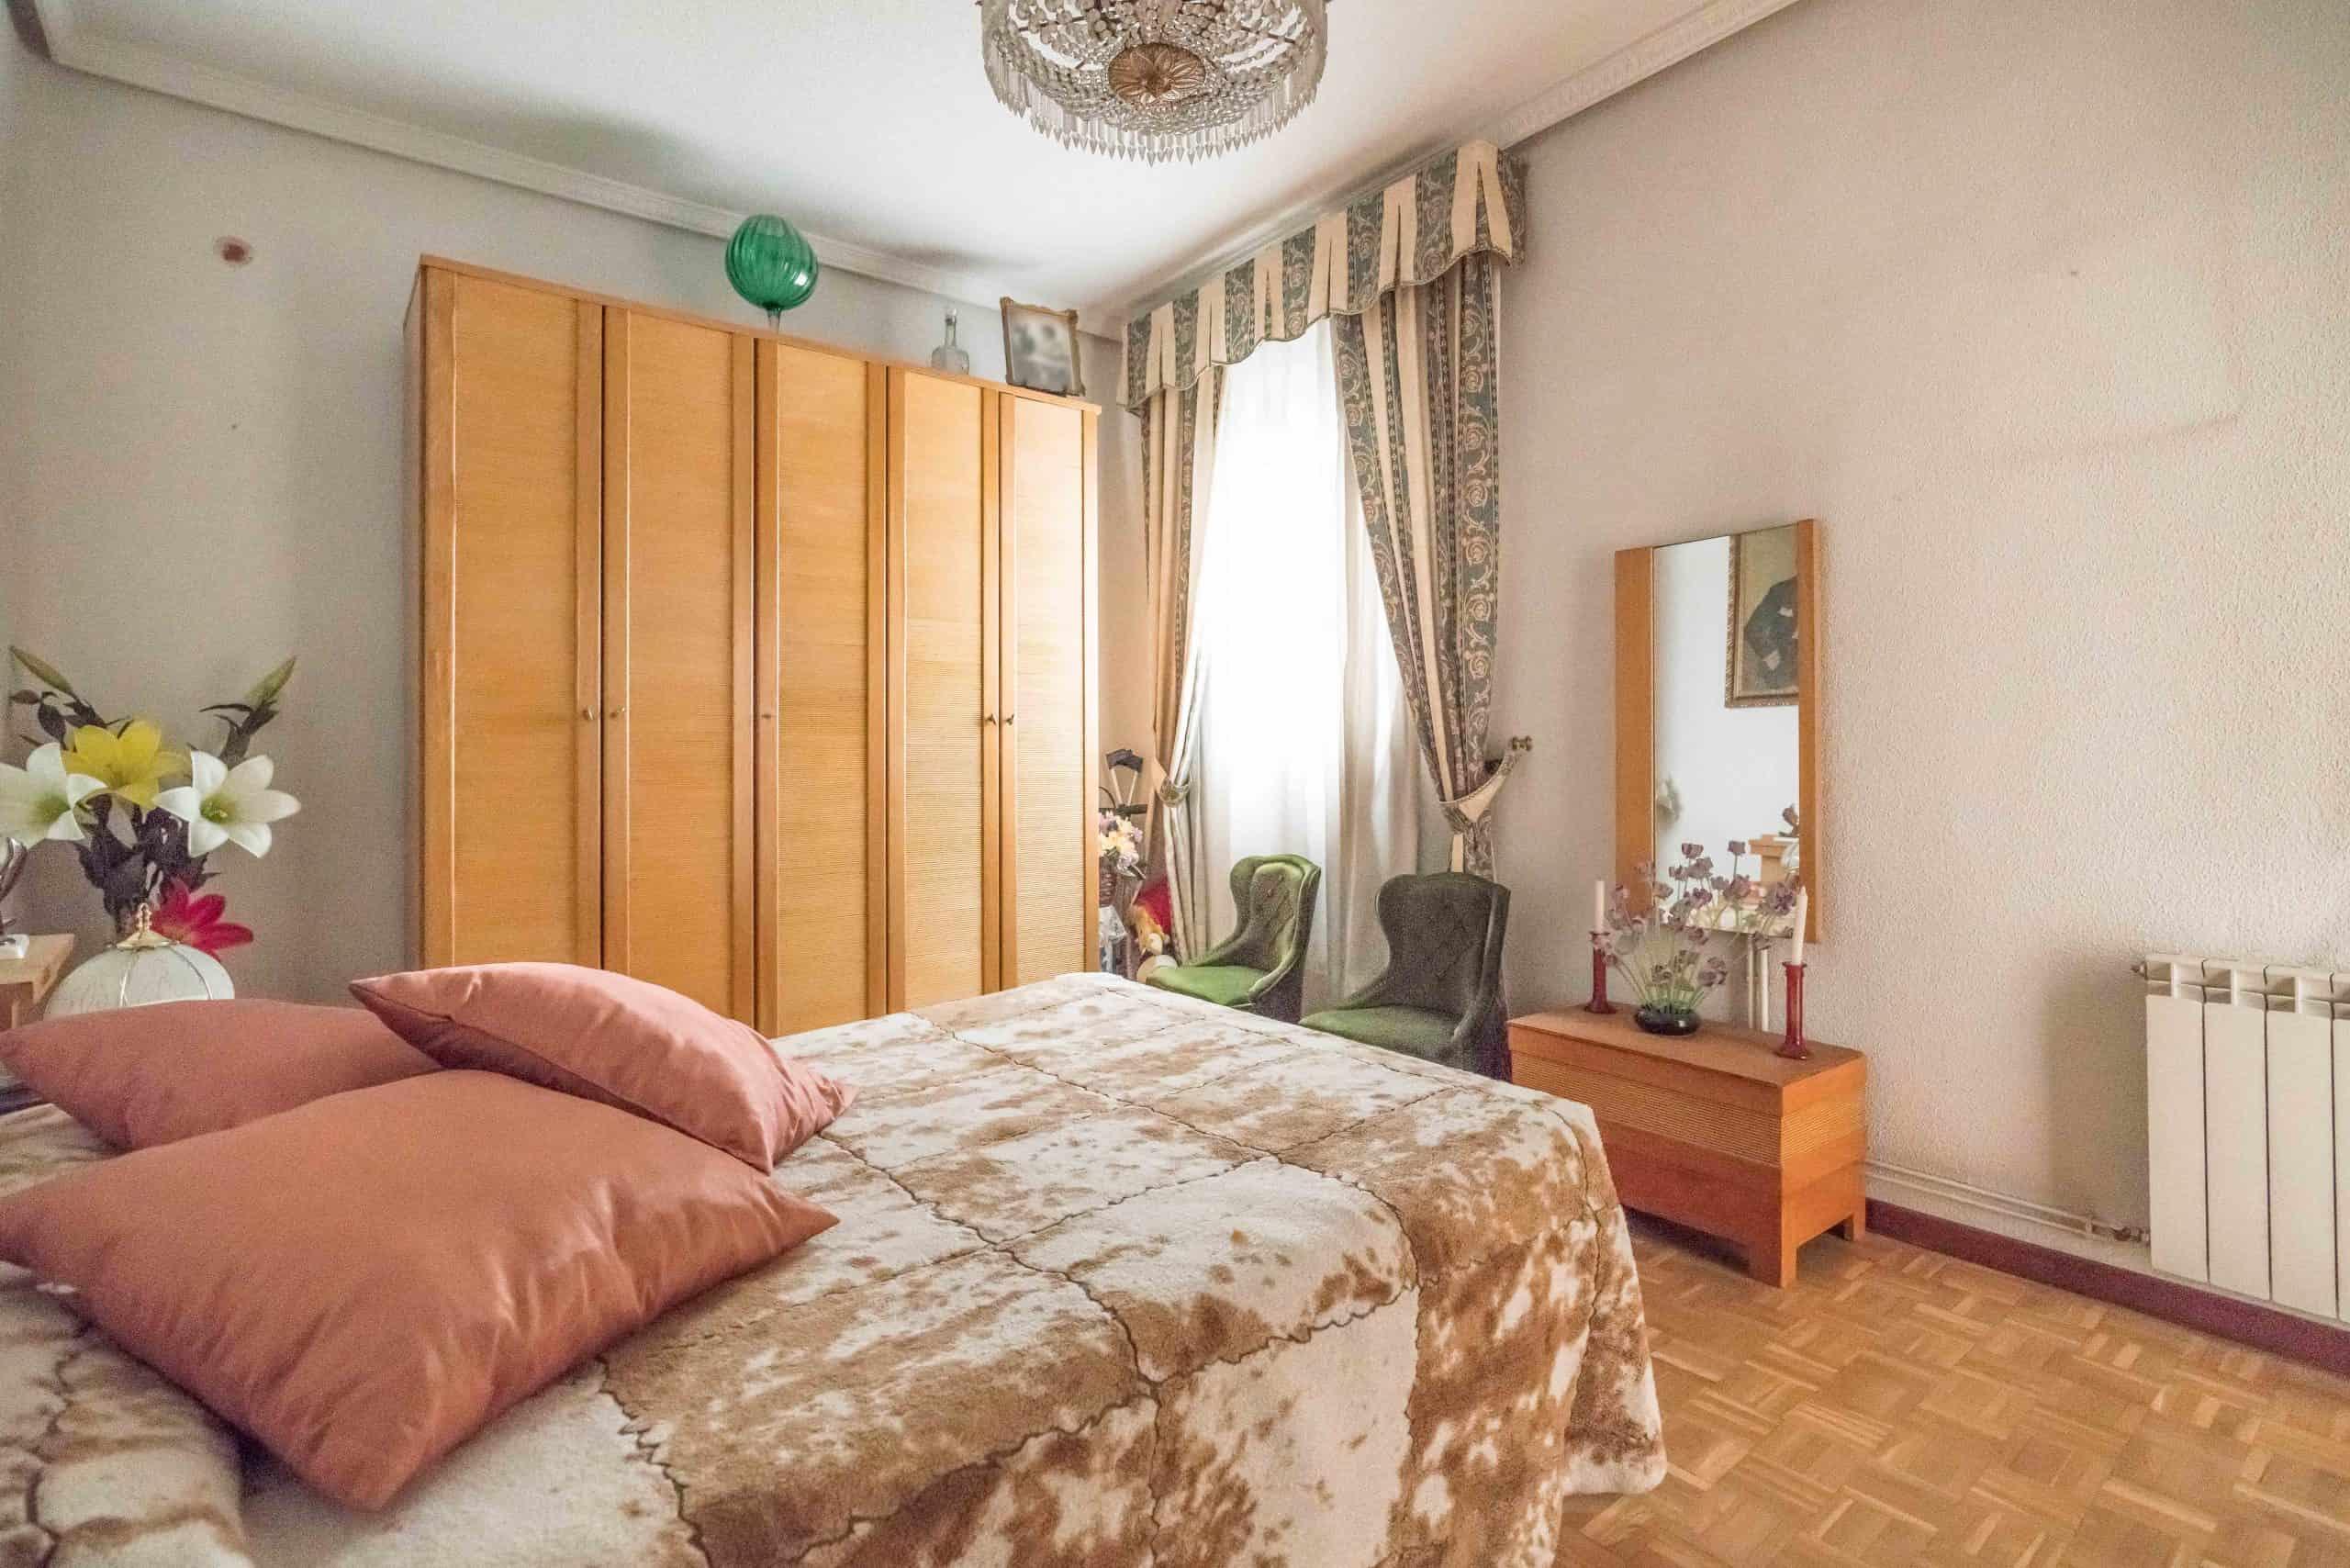 Agencia Inmobiliaria de Madrid-FUTUROCASA-Zona ARGANZUELA-EMBAJADORES-LEGAZPI -calle Guillermo de Osma 2 DORMITORIO1 (3) (Copy)